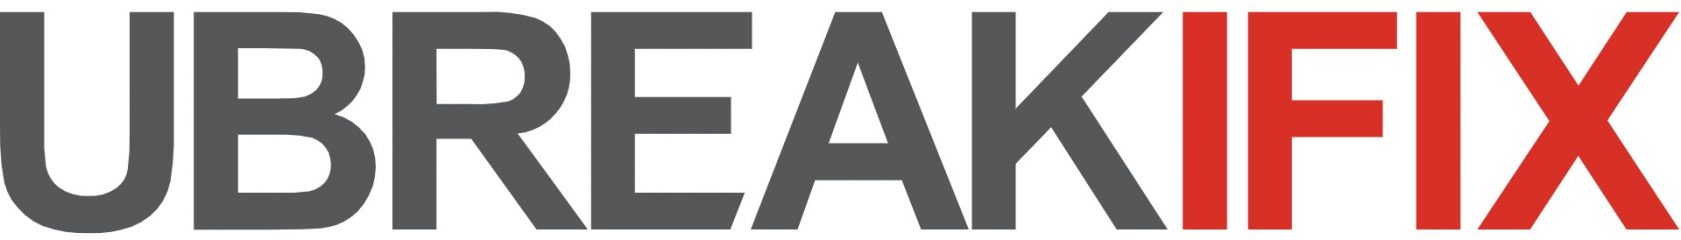 ubreakifix - dekalb